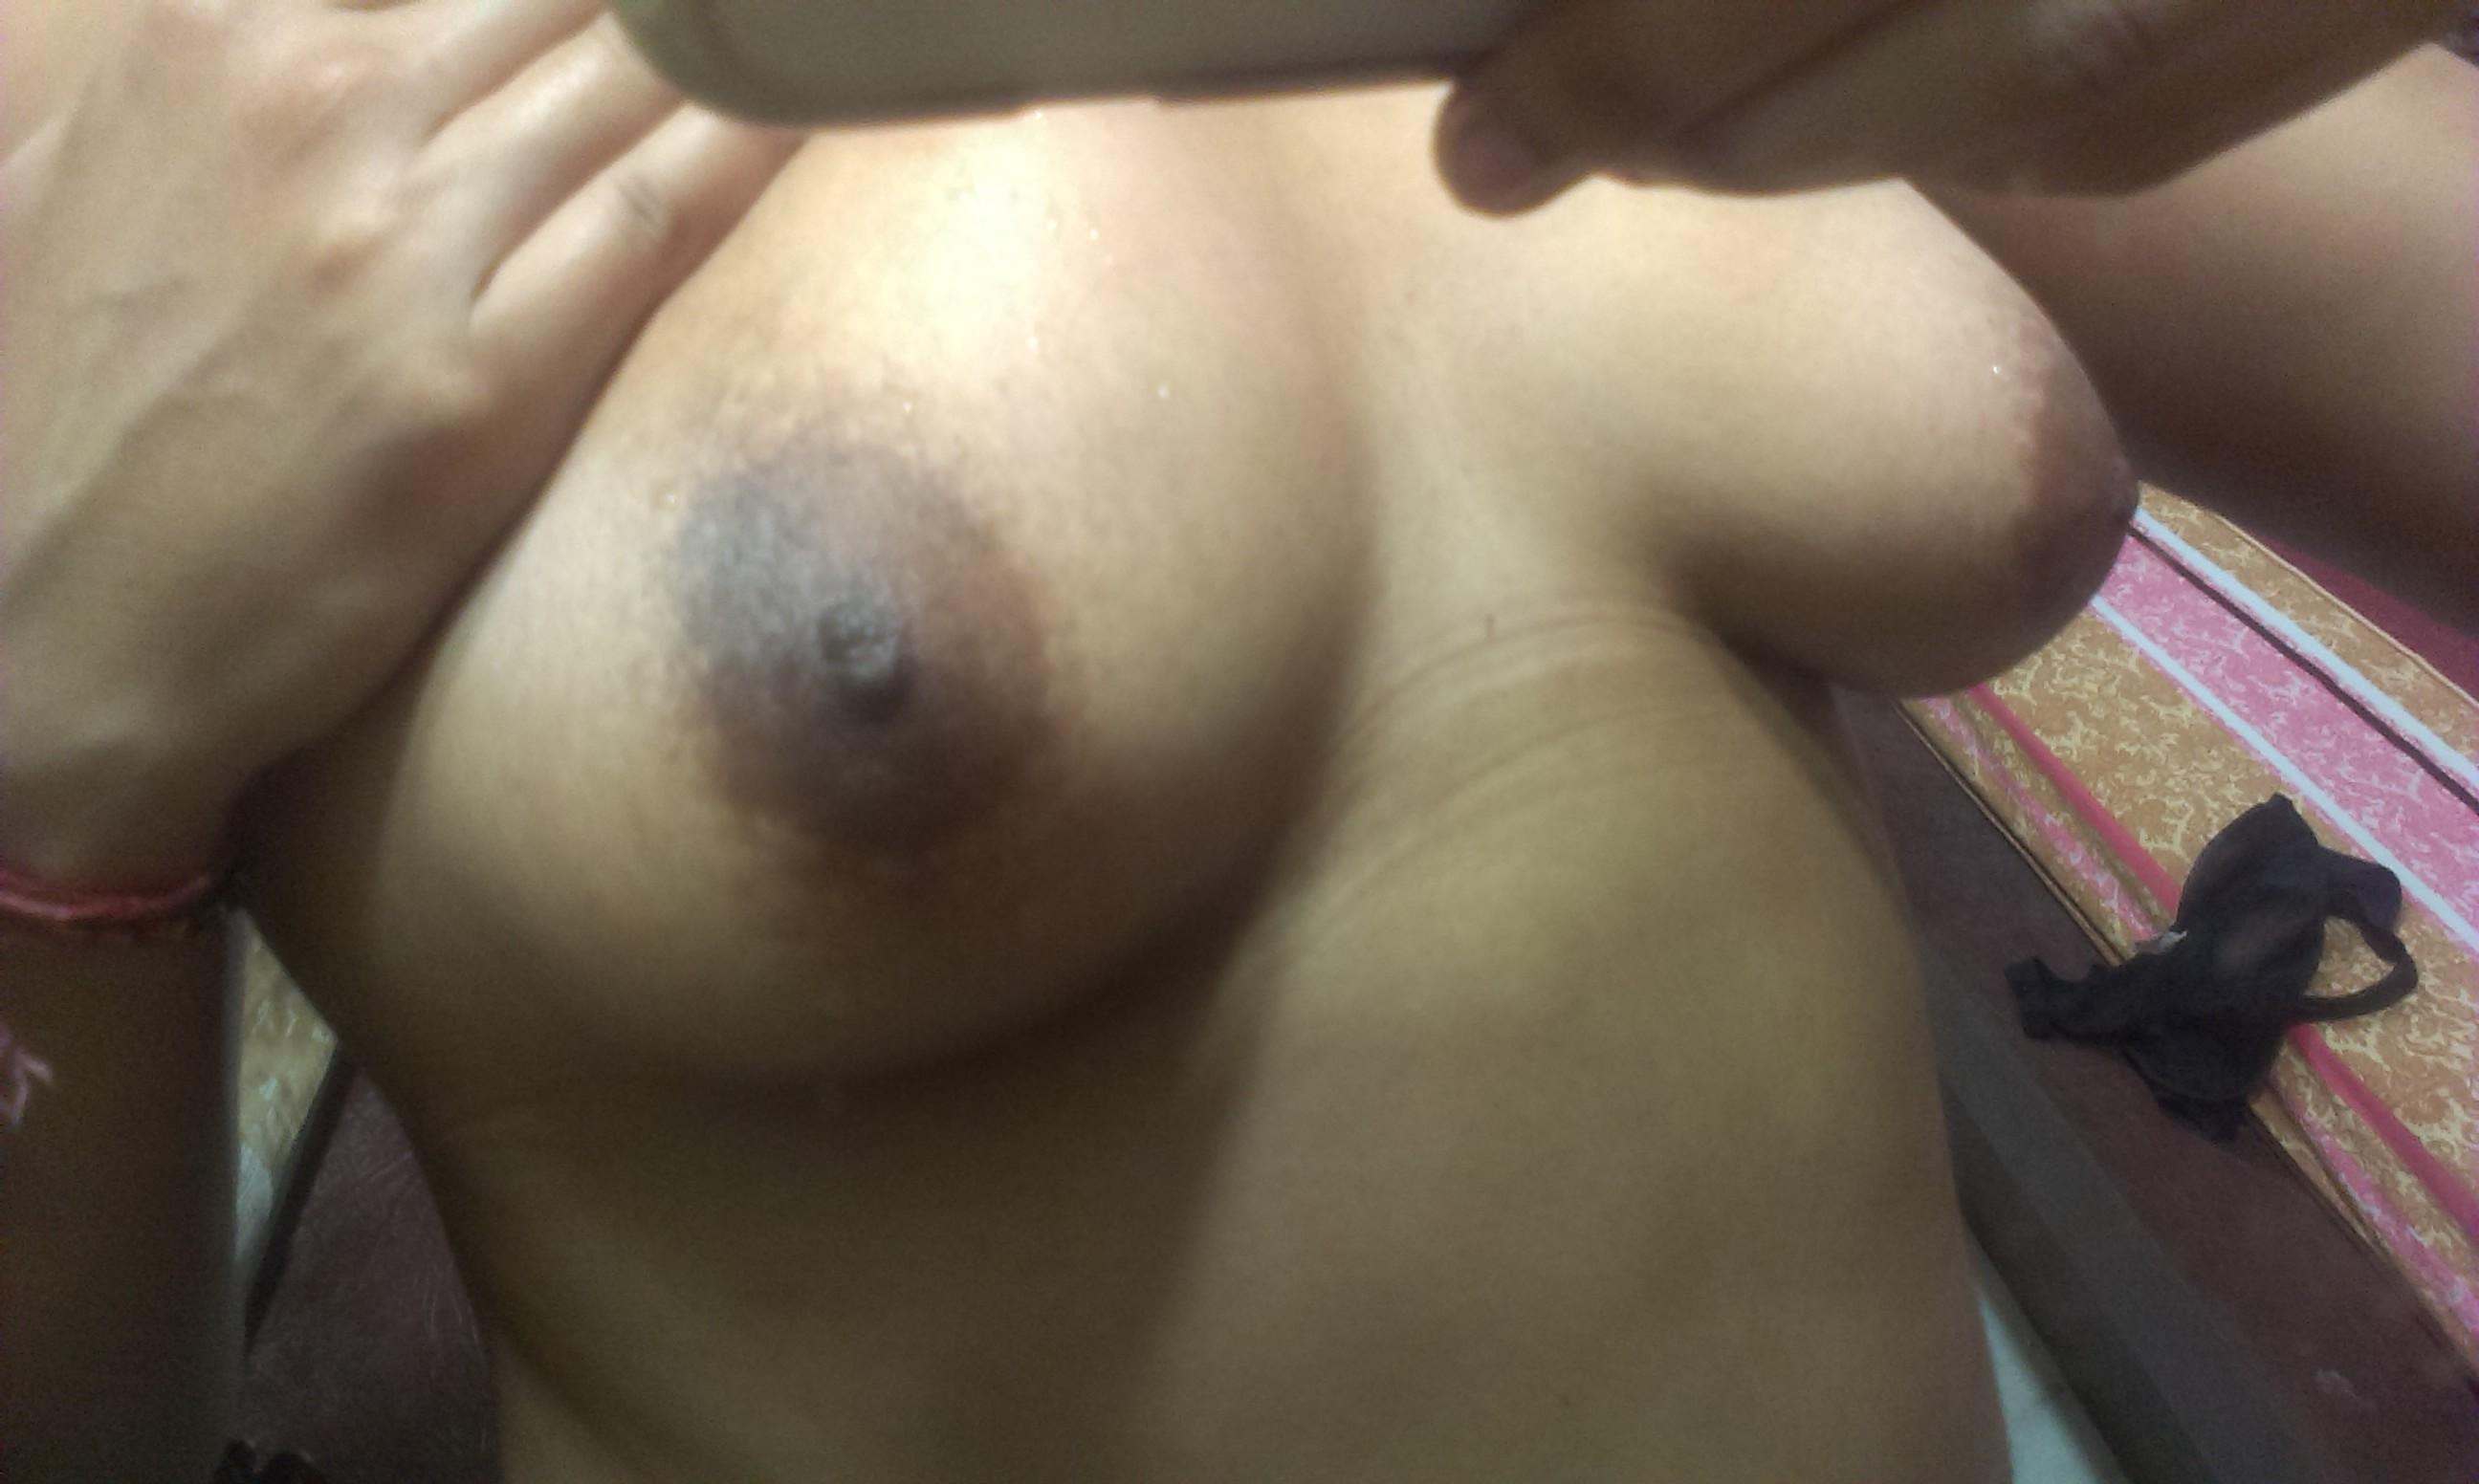 sexy naked adult santa girl